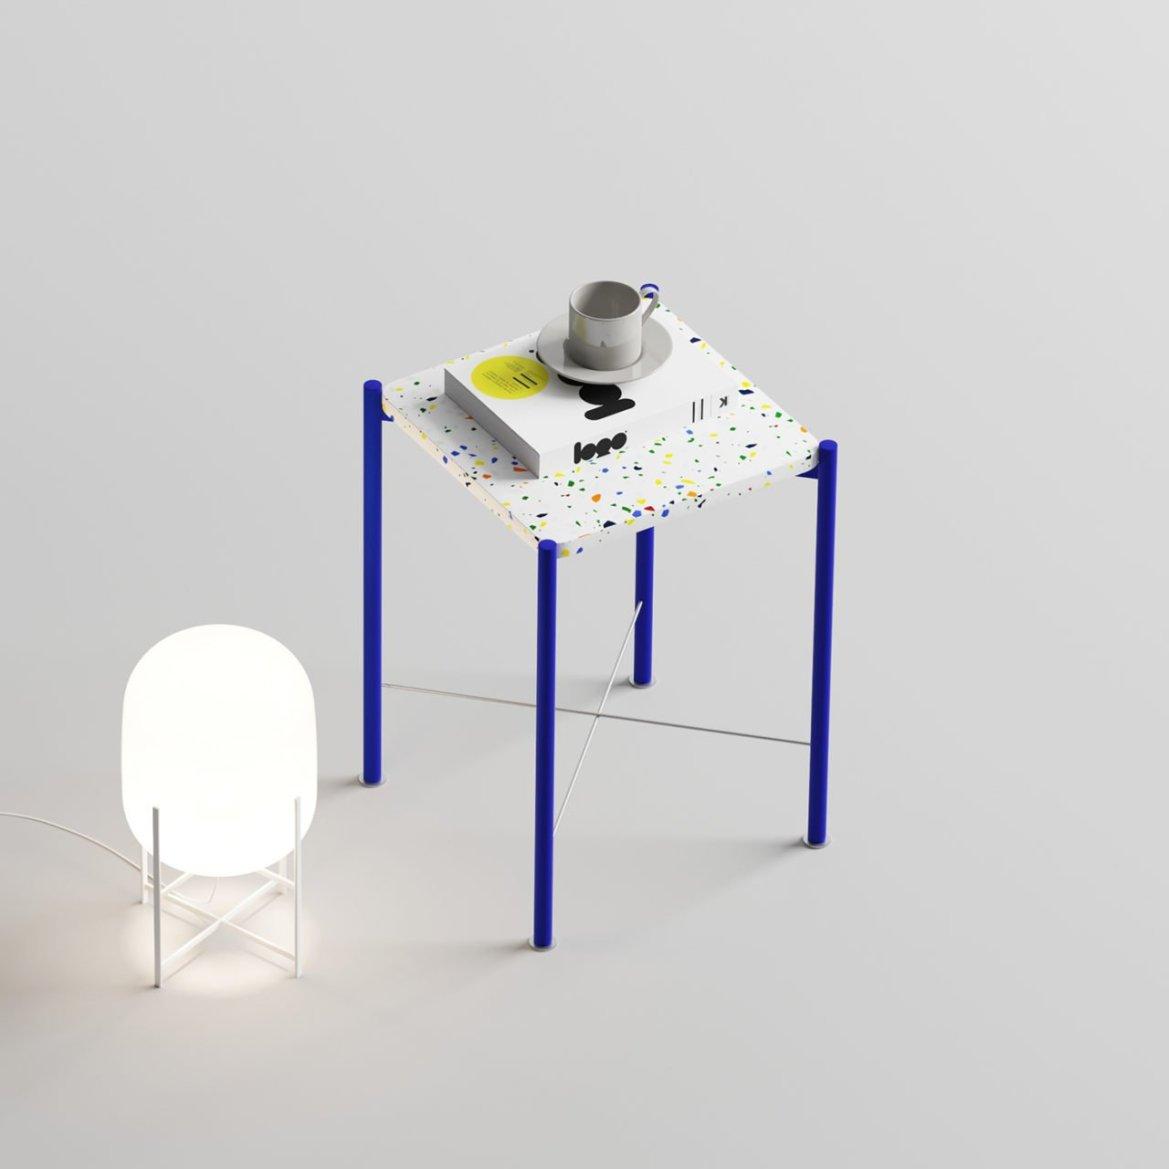 Speckled Side Table, by Yunus Emre Uzun designer